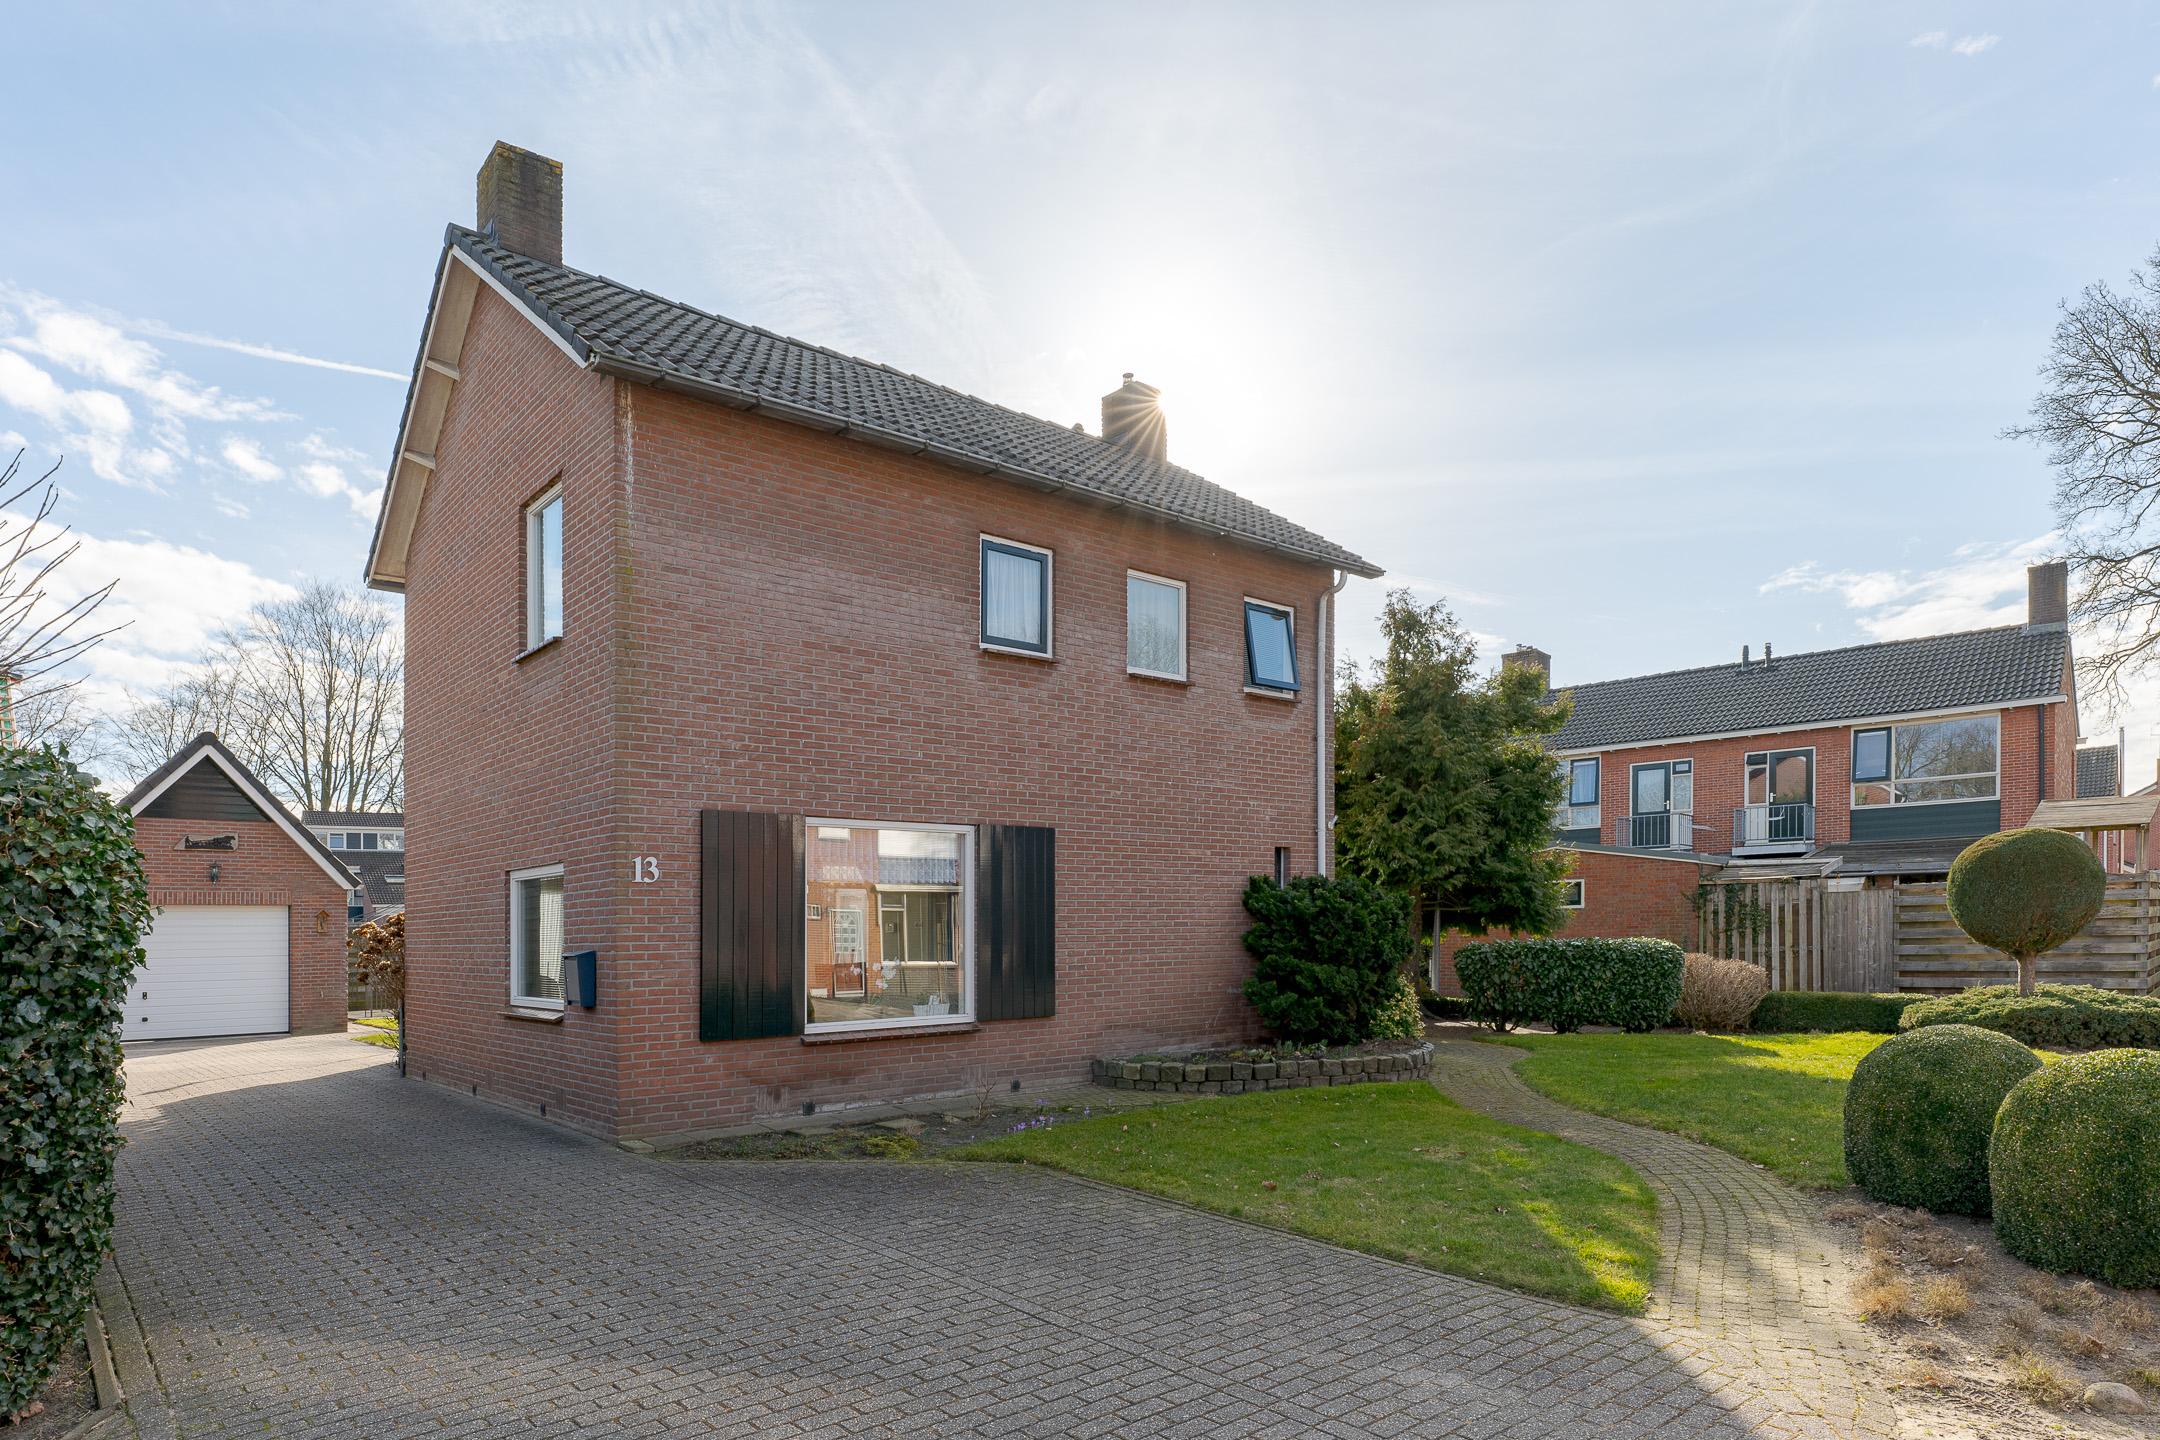 Acacialaan 13, Drenthe, 1967 Slaapkamers Slaapkamers, ,4 BadkamerBadkamer,Eengezinswoning,Te koop,Acacialaan,2,1204